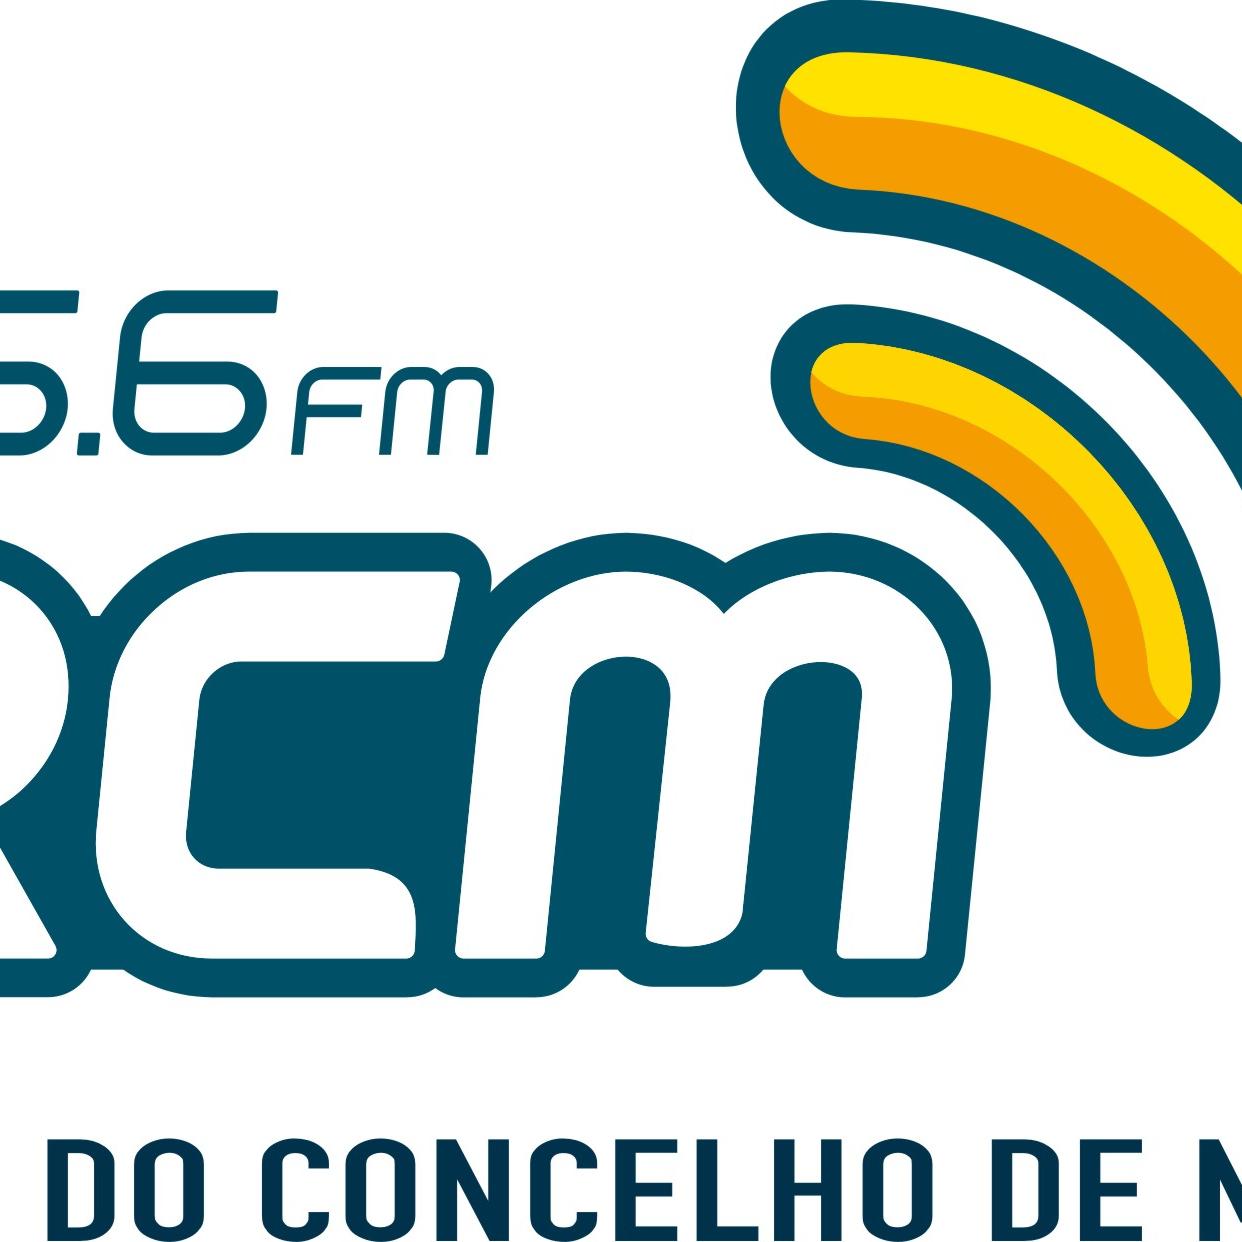 RCM - EXTERIORES